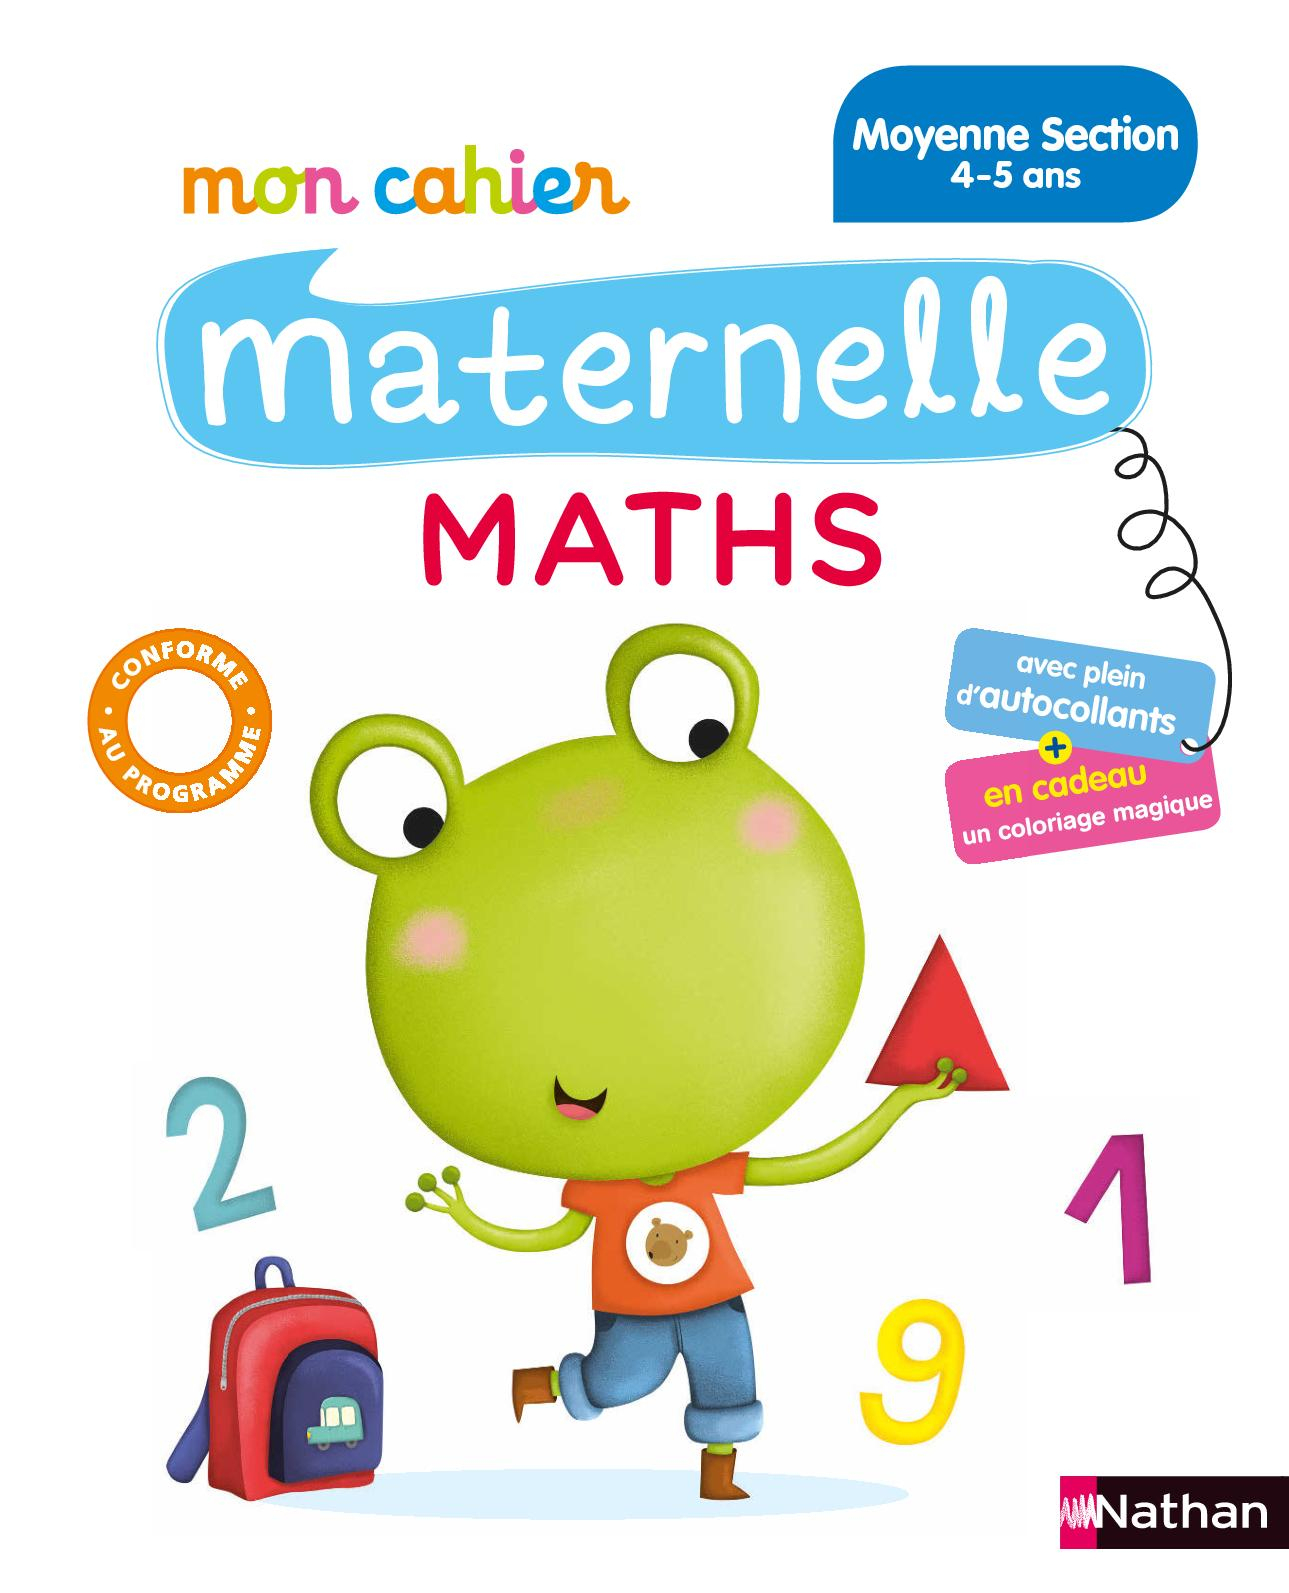 Calaméo - Mon Cahier Maternelle Maths - 4-5 Ans - Extrait encequiconcerne Coloriage Magique Petite Section